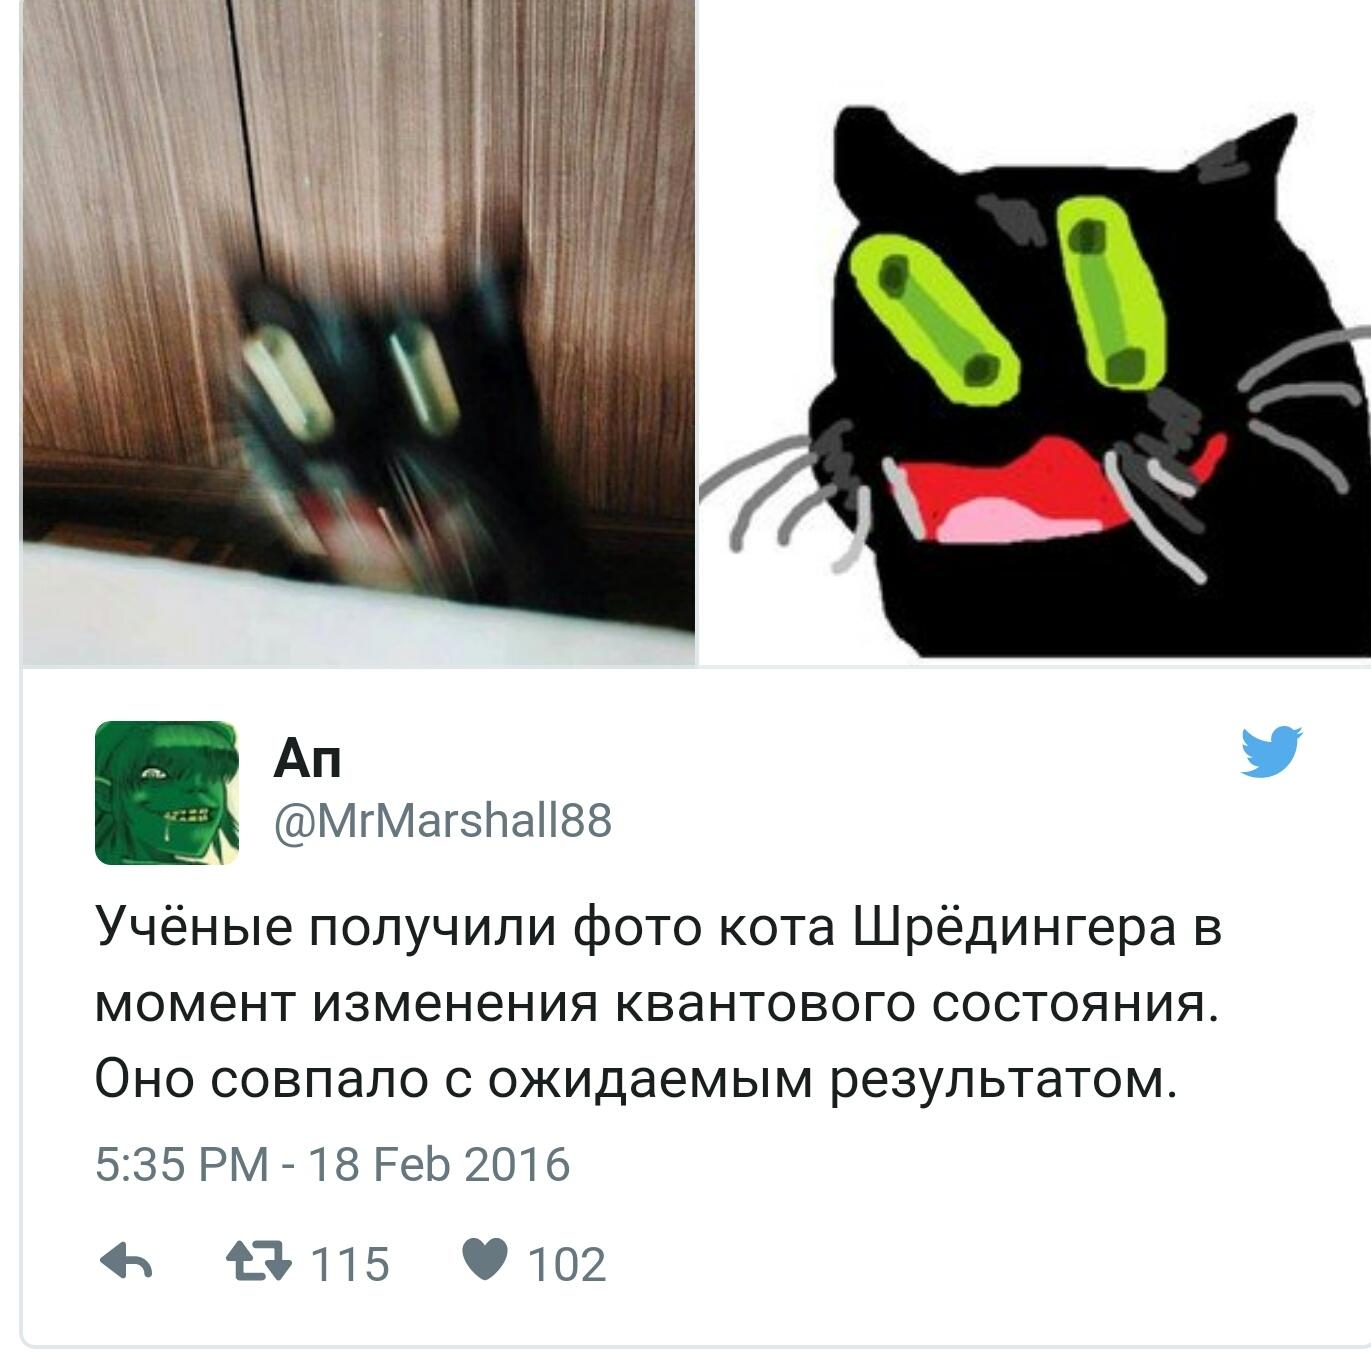 Кота ударение